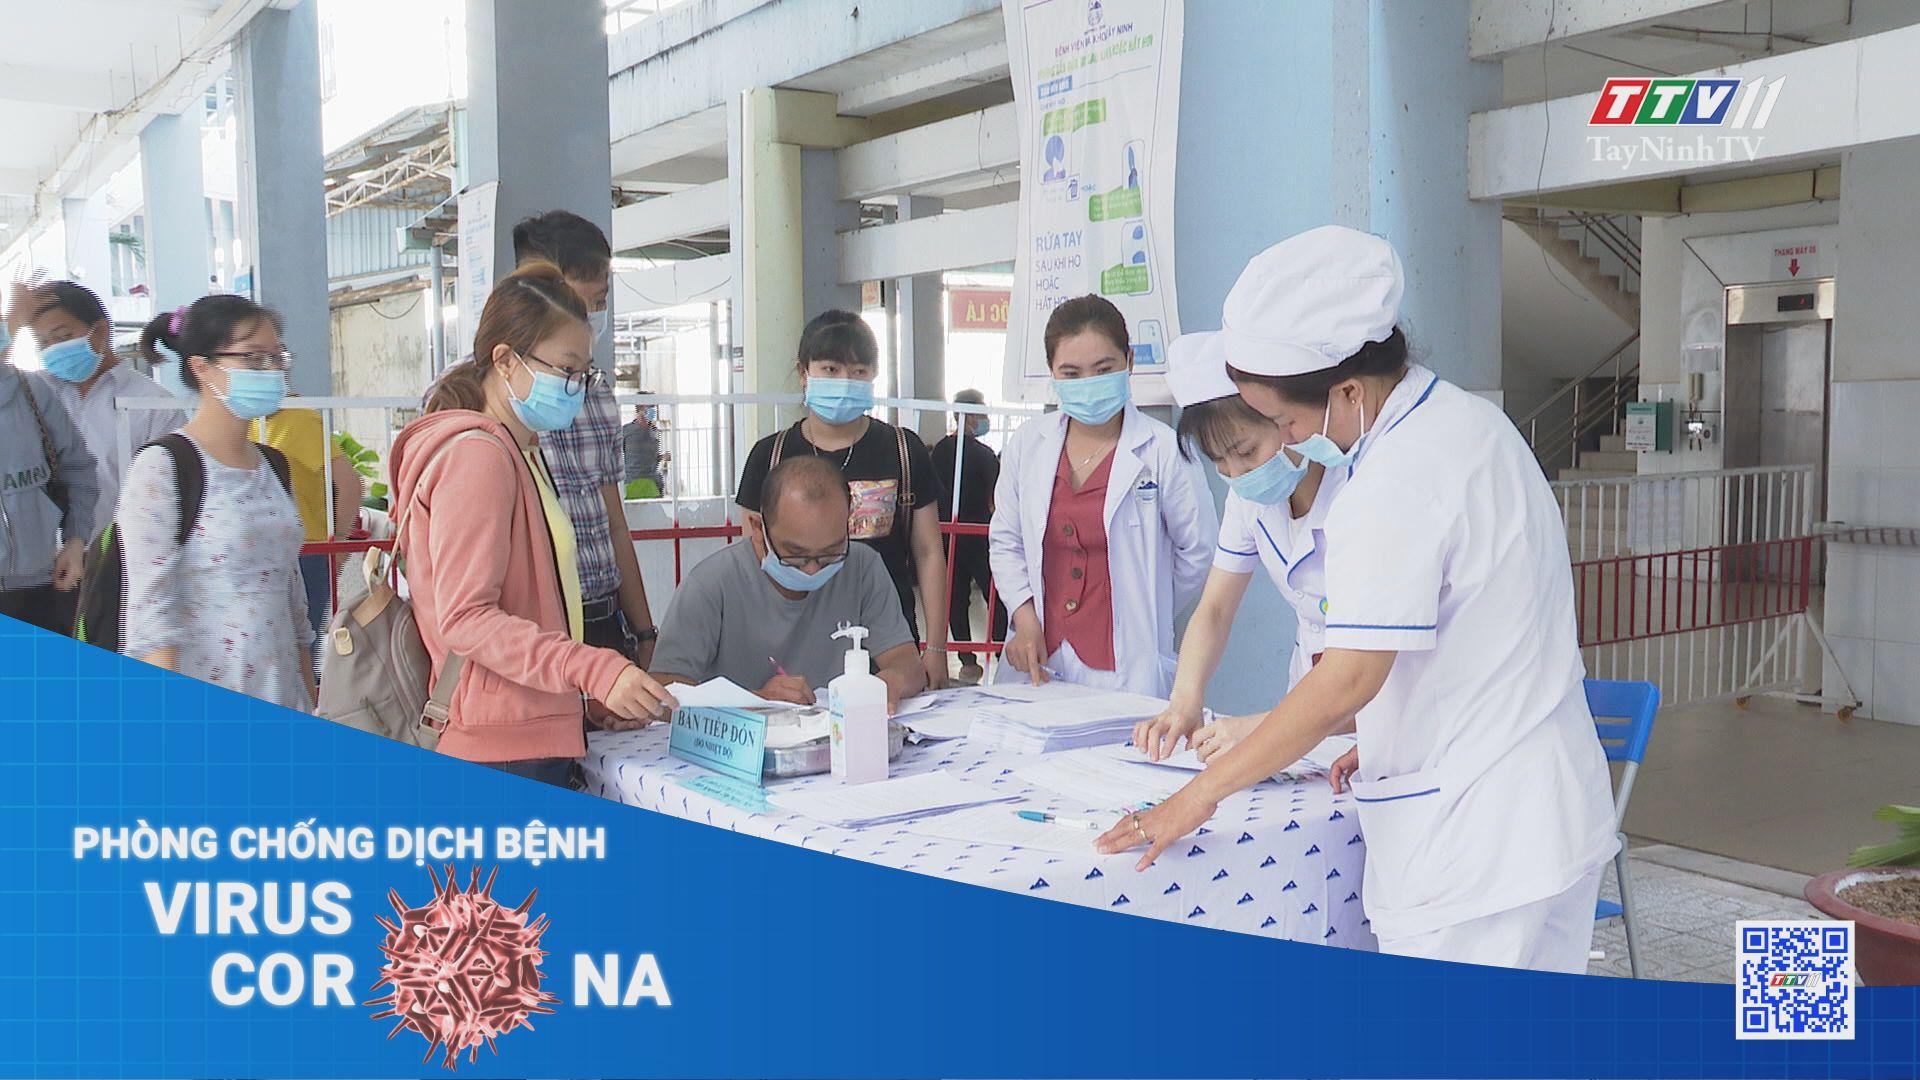 Tăng cường tiêm chủng vaccine phòng Covid-19 | THÔNG TIN DỊCH COVID-19 | TayNinhTV